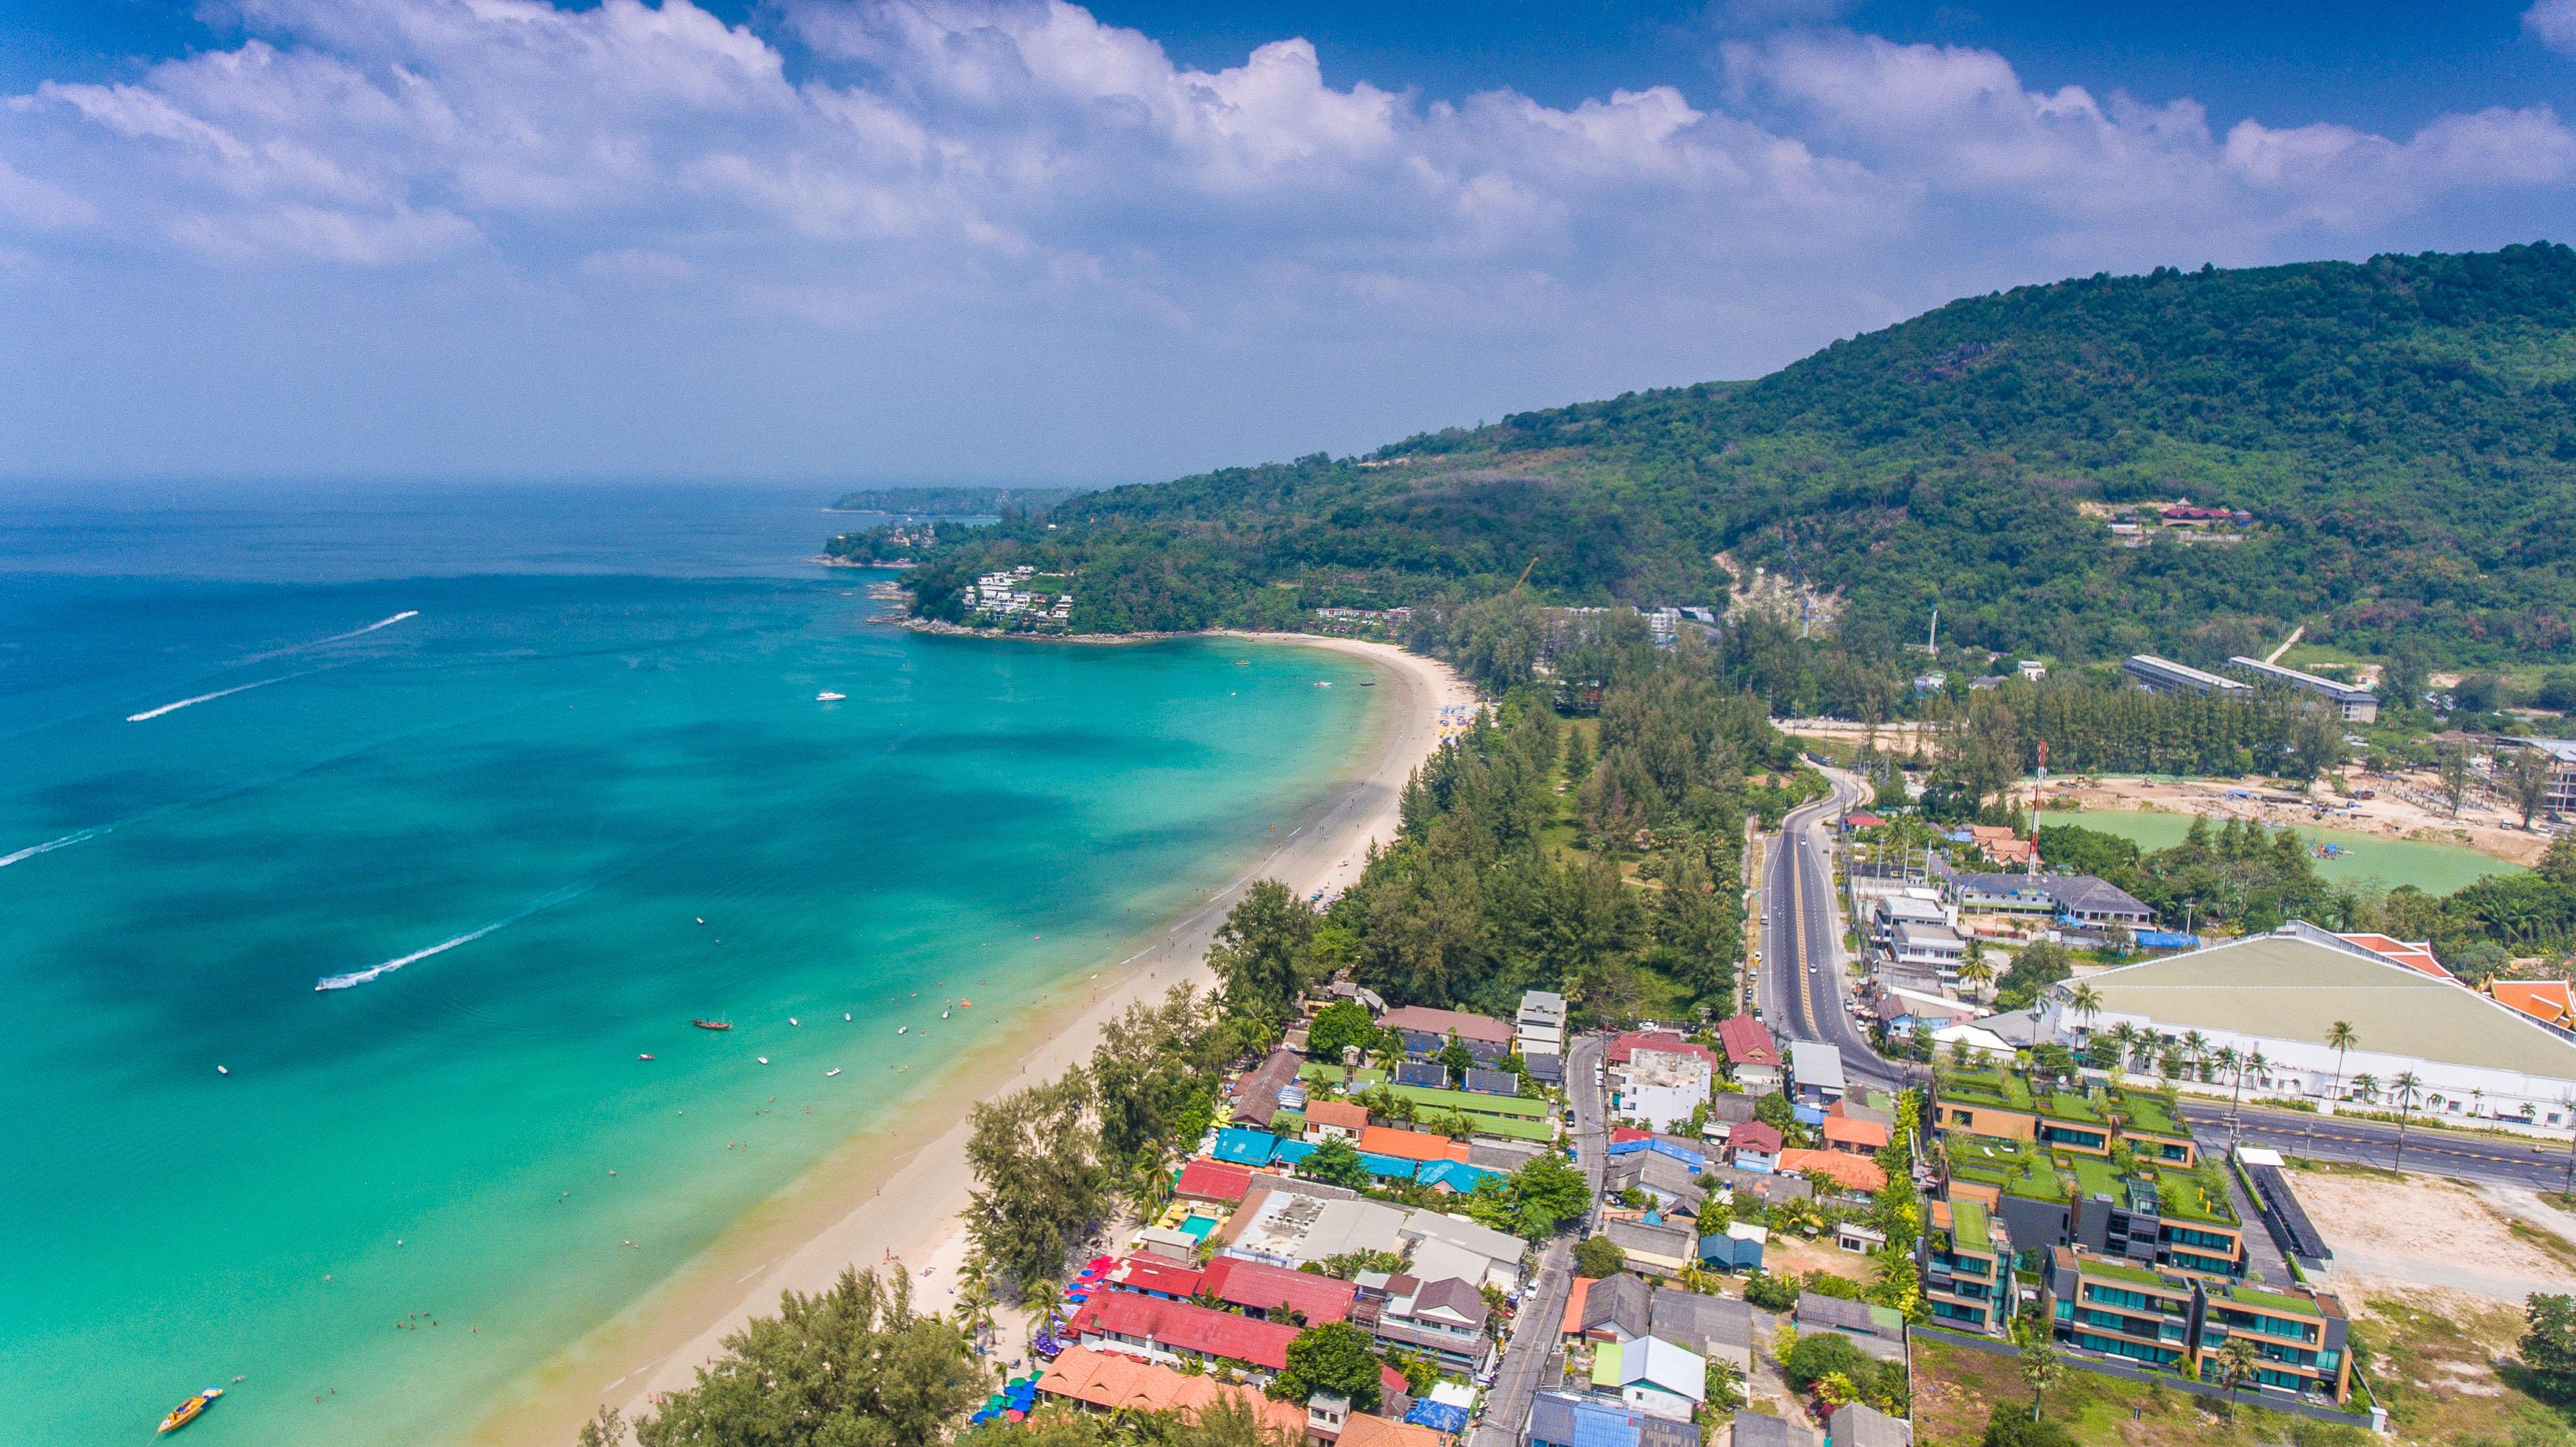 Камала на Пхукете — развивающийся район в центре острова